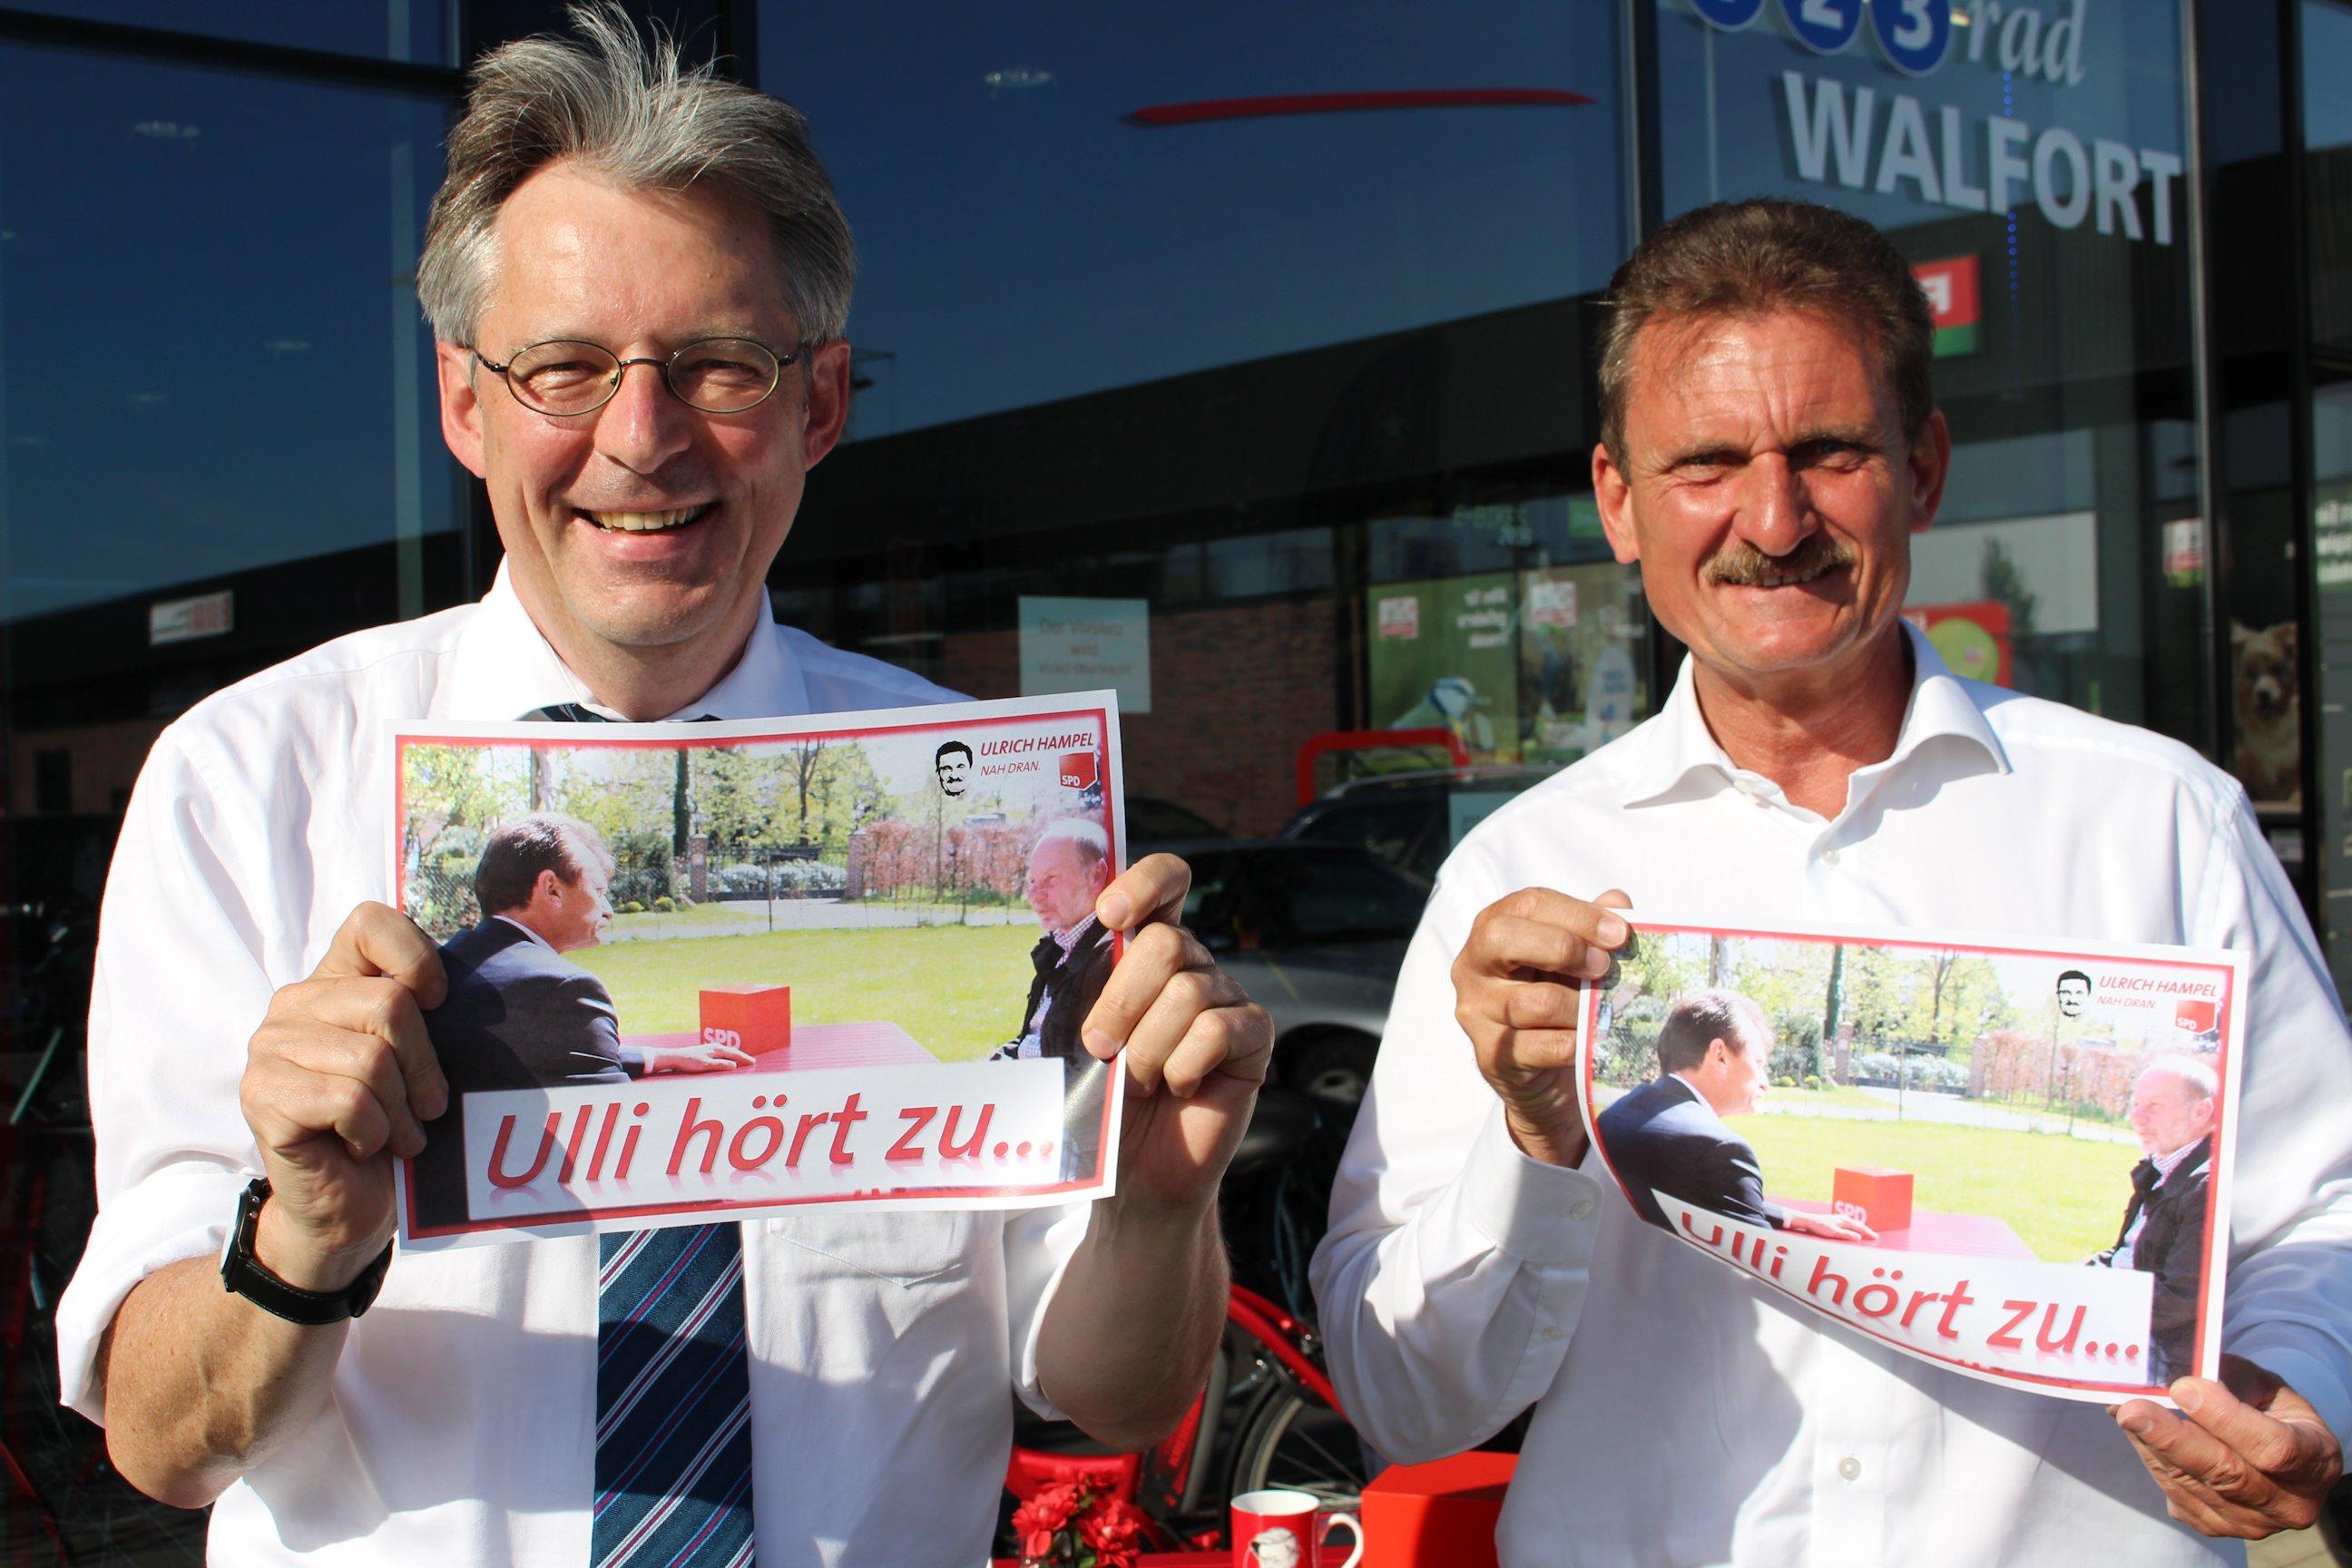 """""""Ulli hört zu..."""" mit Achim Post (MdB, Vorsitzender der NRW-Landesgruppe in der SPD-Bundestagsfraktion)"""